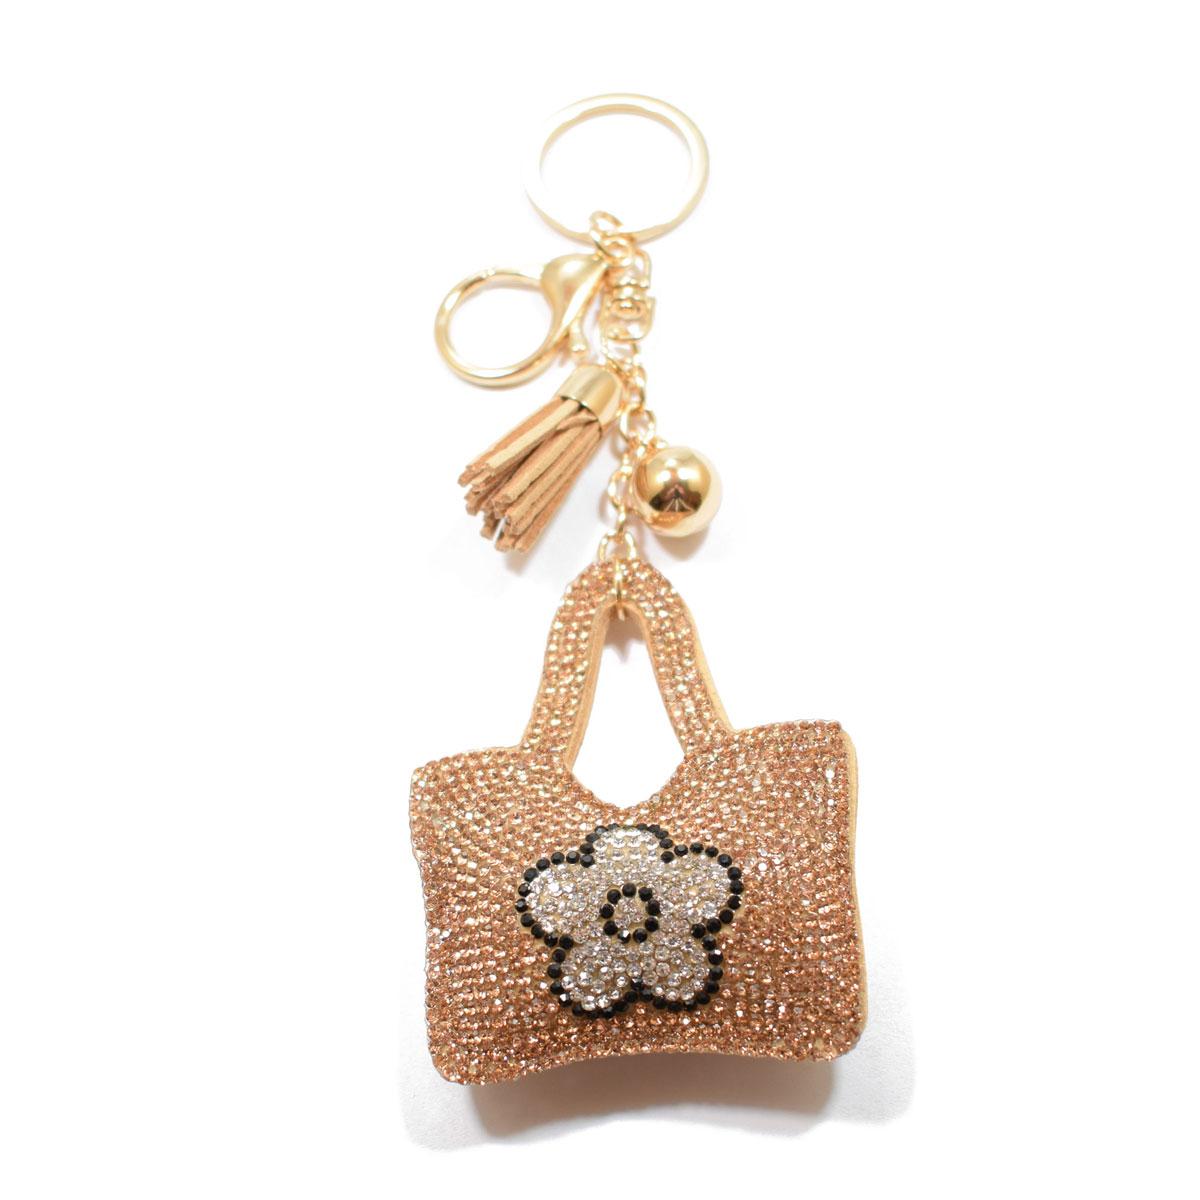 Μπρελόκ φο μπιζού (faux bijoux) τσάντα σε καφέ χρώμα με κρυστάλλους  (BZ-KC-00003) 13433dc0ec9